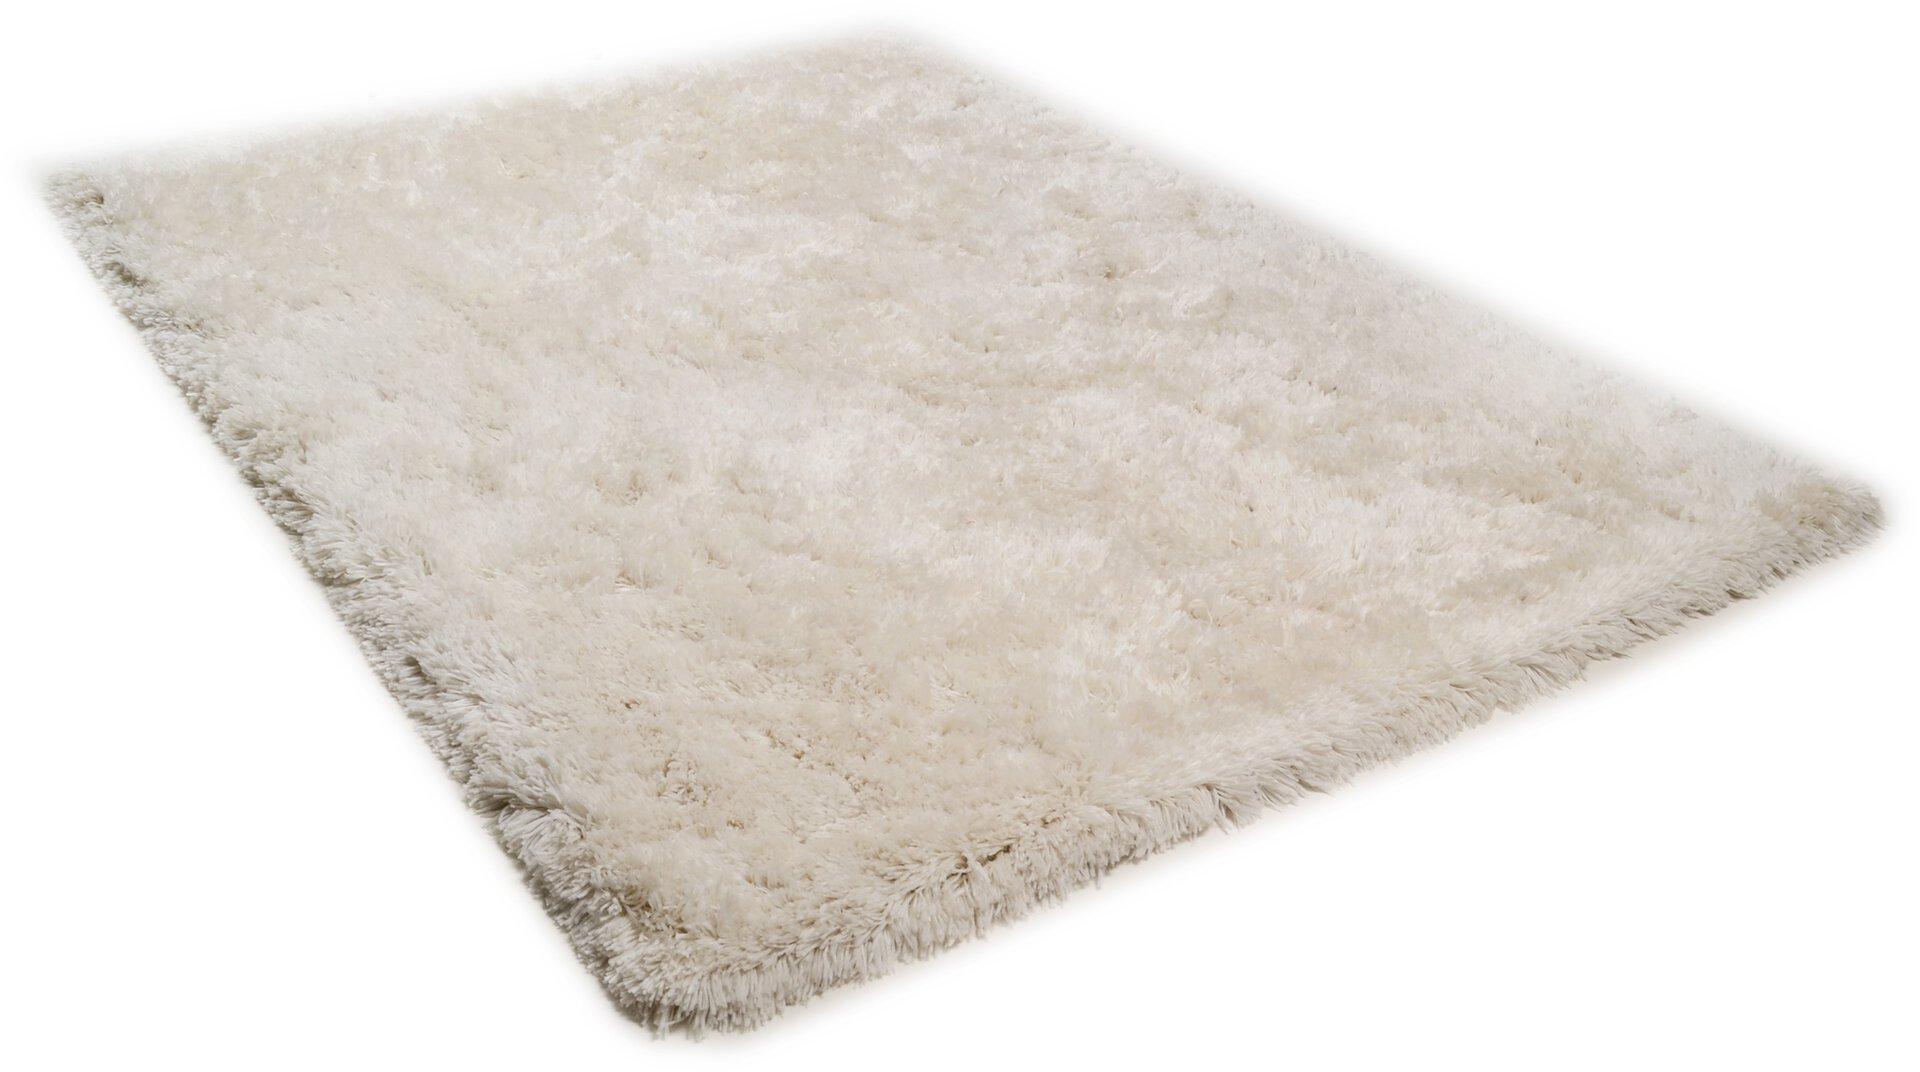 Handtuftteppich Flokato Theko Textil braun 1 x 2 cm